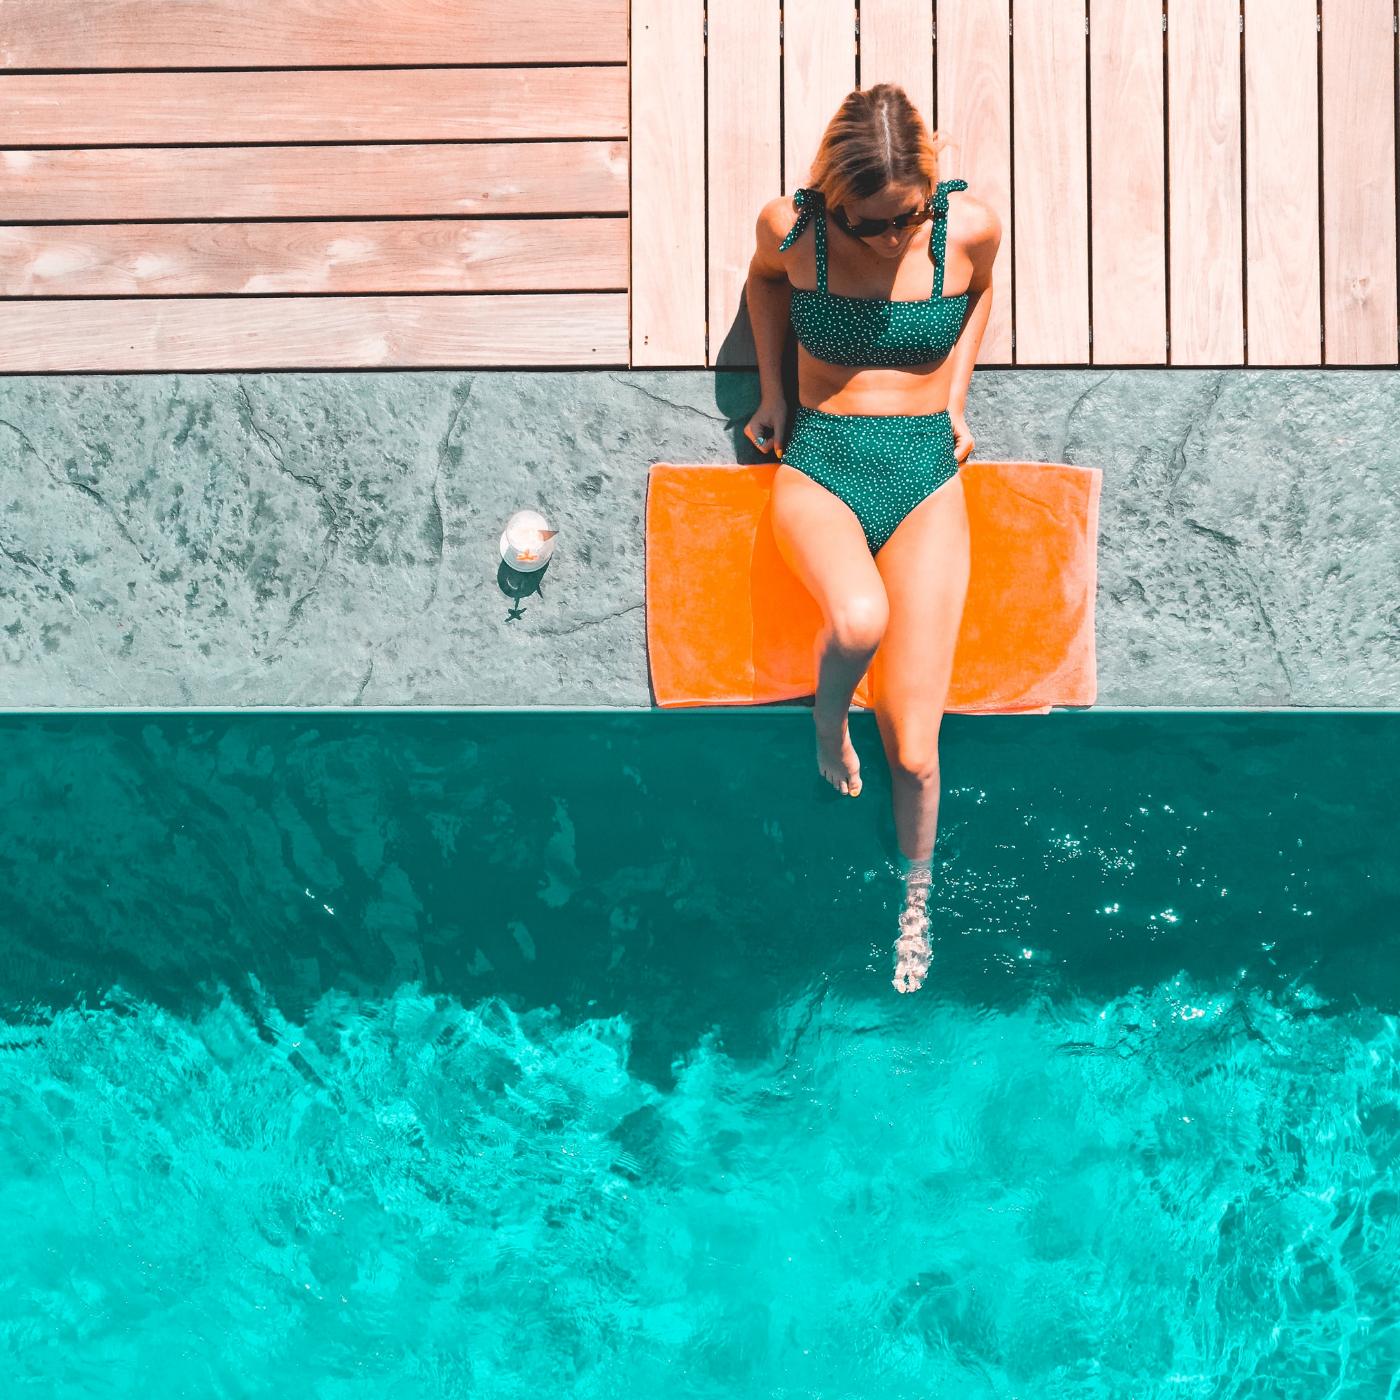 Voller Durchblick im Wasser: Tageskontaktlinsen sorgen für einen unkomplizierten Badeurlaub.